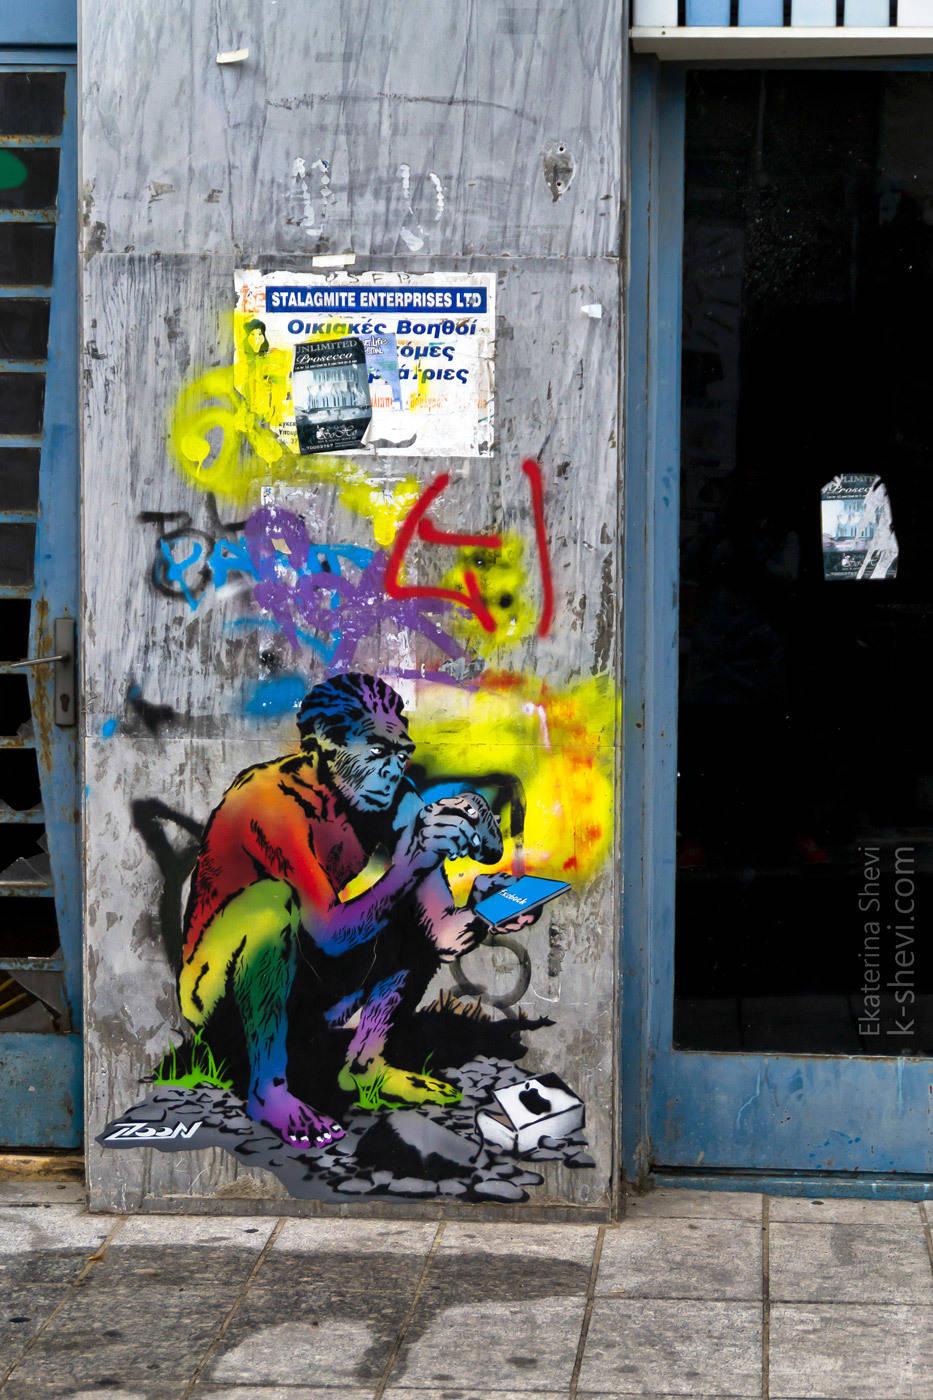 Социальные мысли в уличной живописи. Заставляют остановиться и призадуматься.